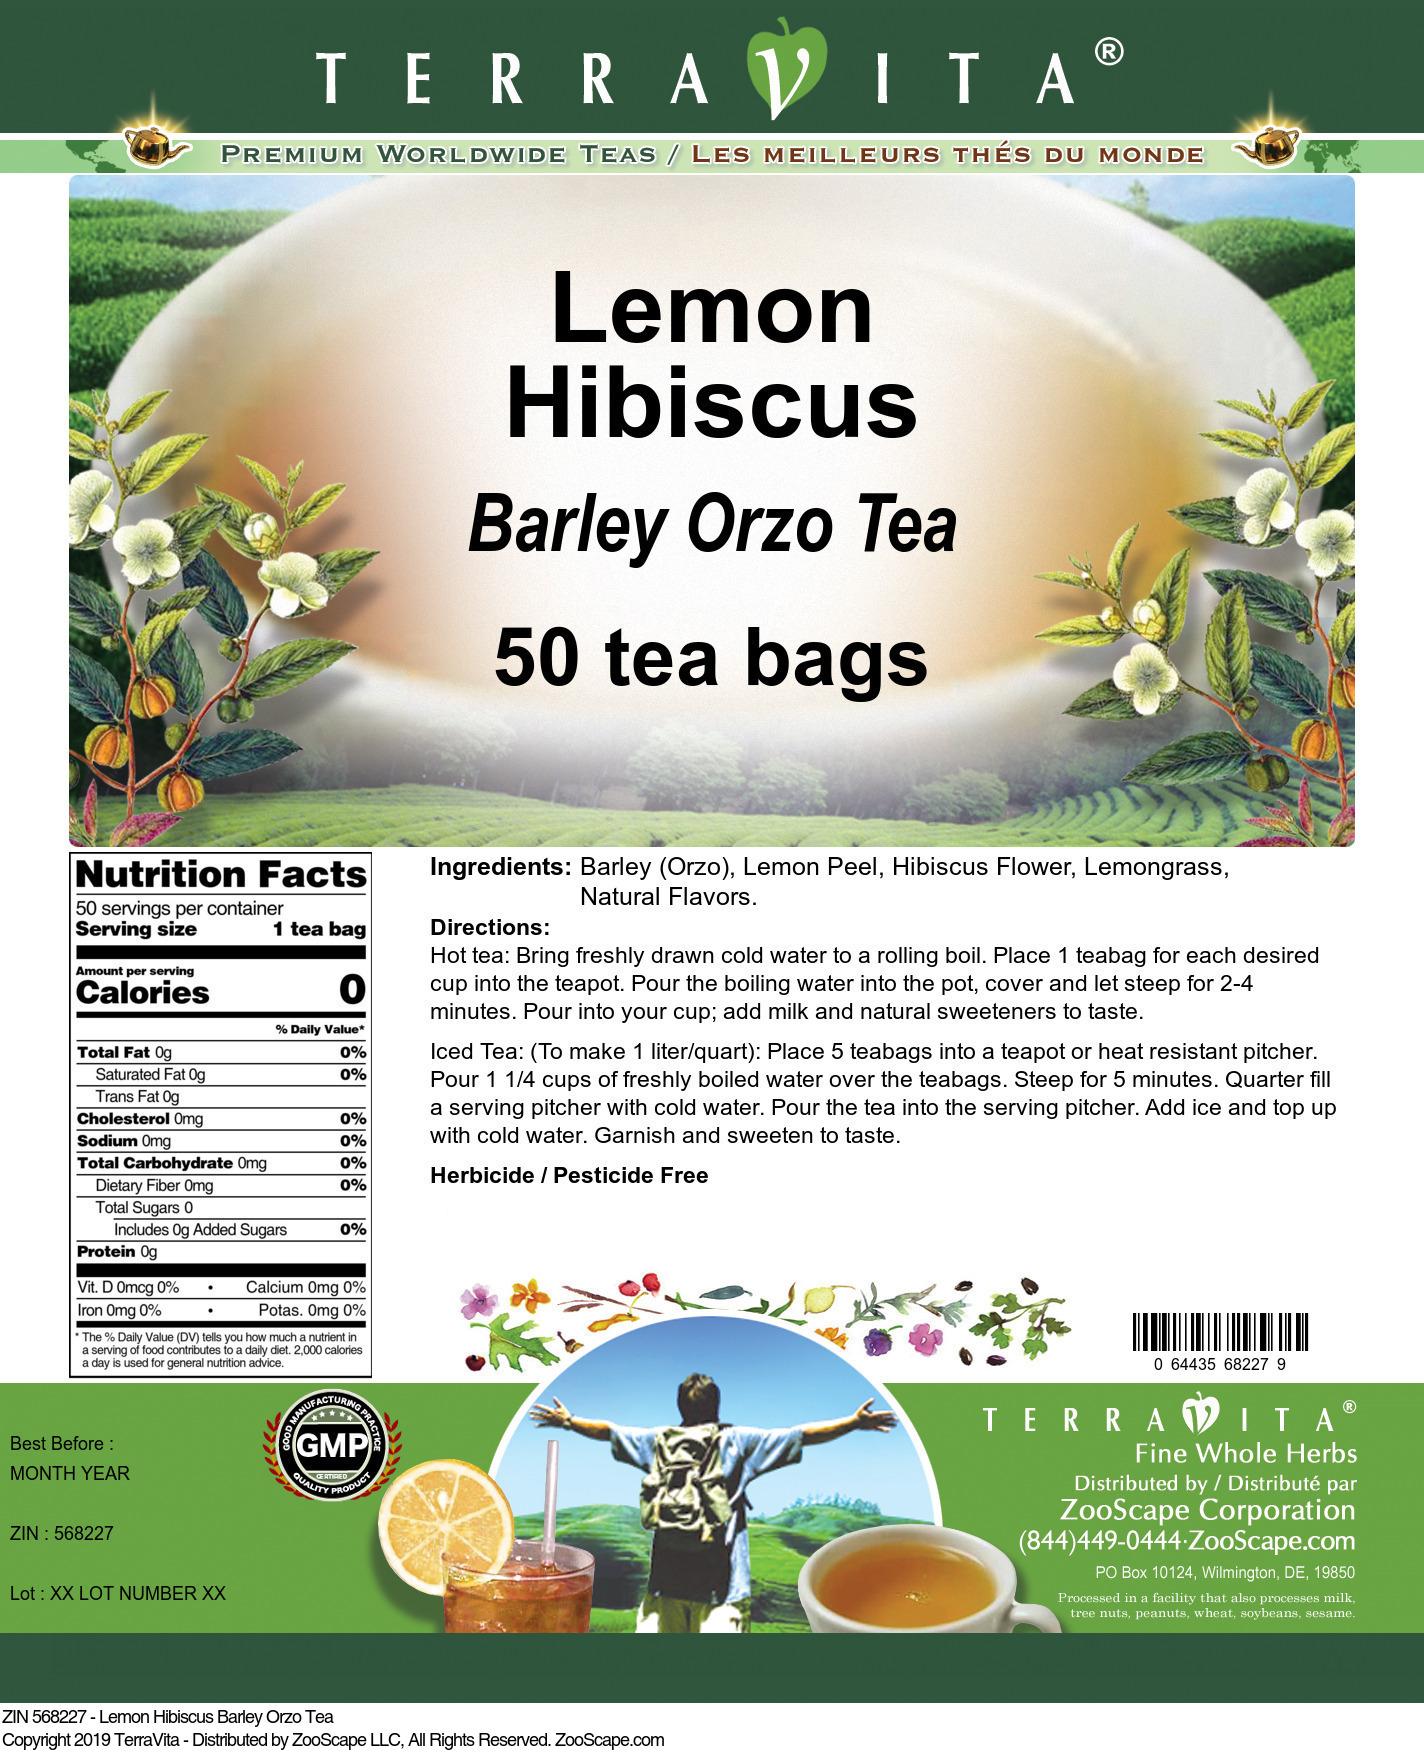 Lemon Hibiscus Barley Orzo